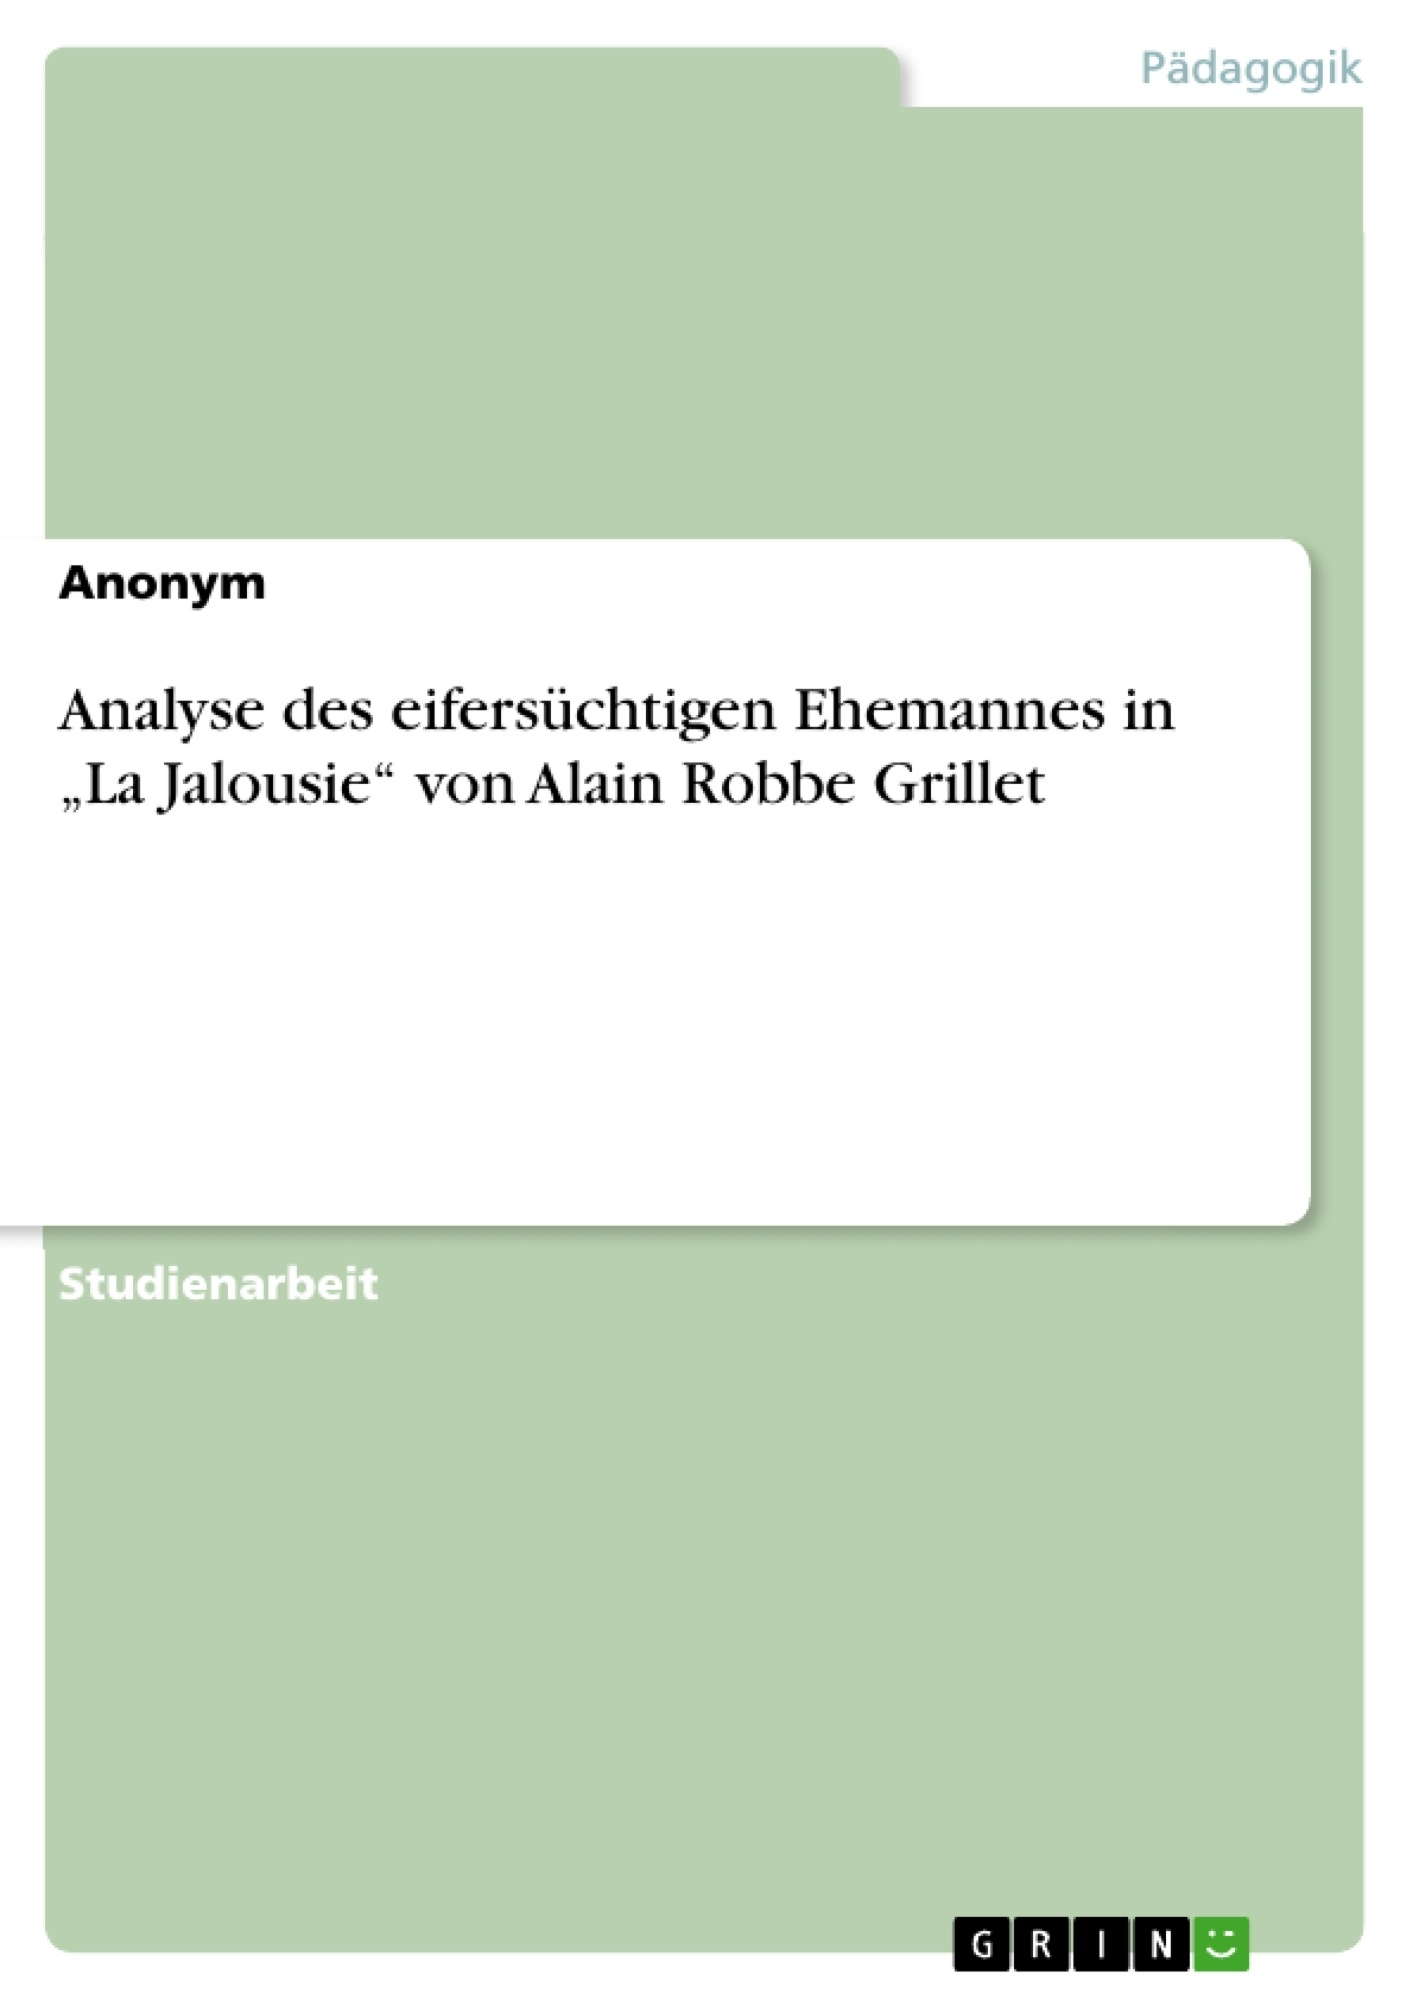 """Titel: Analyse des eifersüchtigen Ehemannes in """"La Jalousie"""" von Alain Robbe Grillet"""